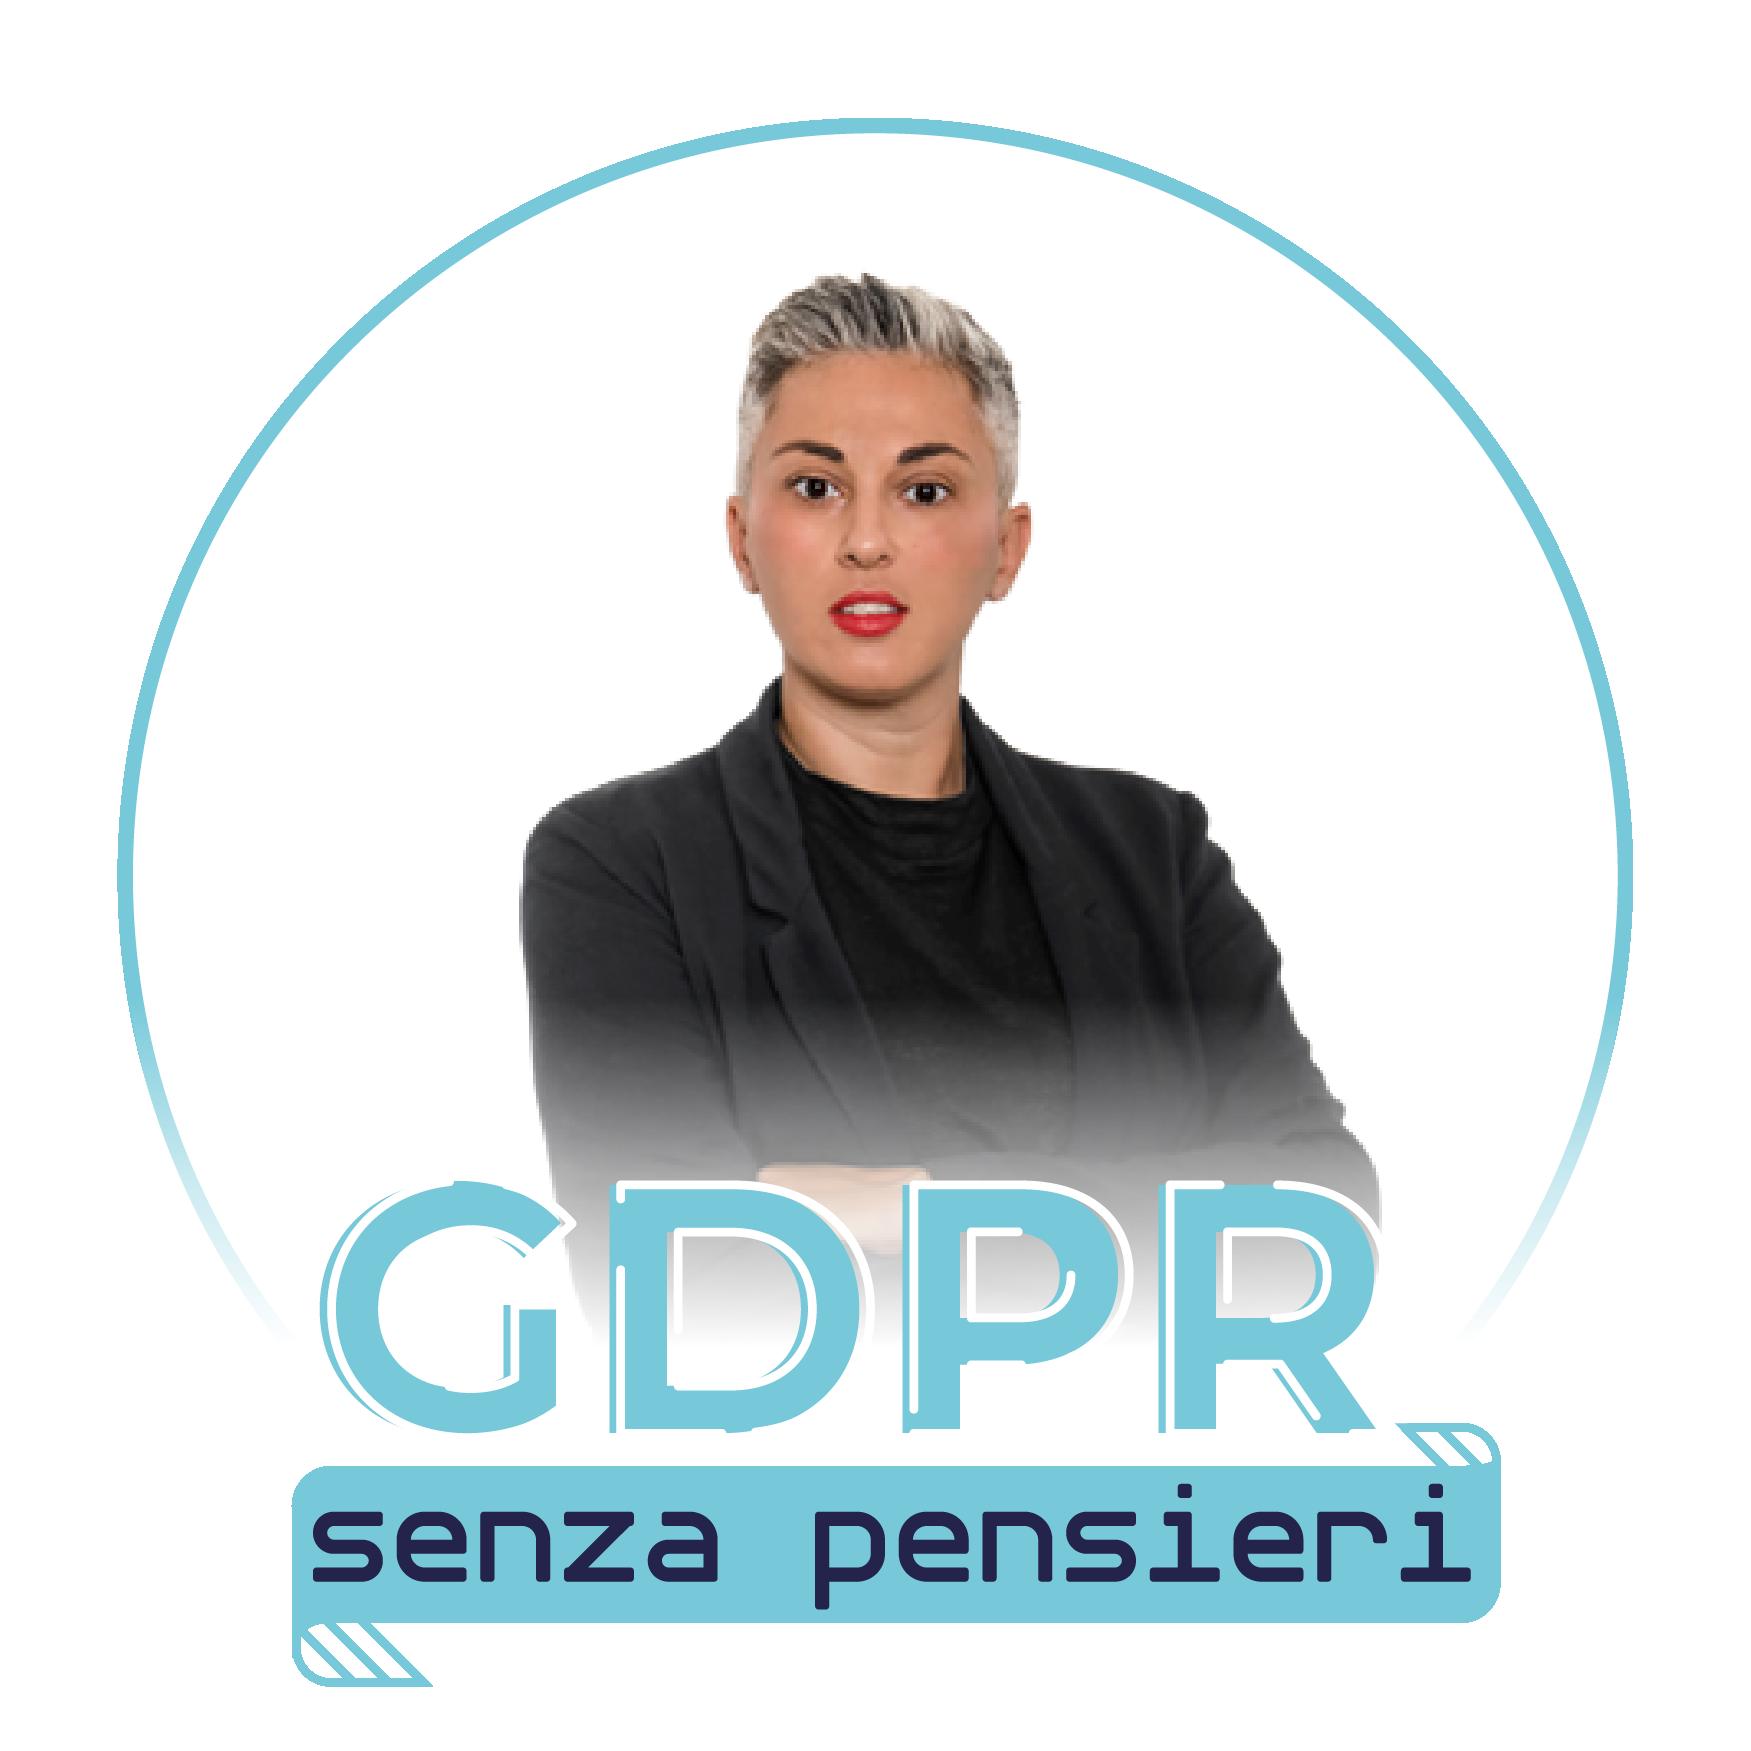 GDPR SENZA PENSIERI